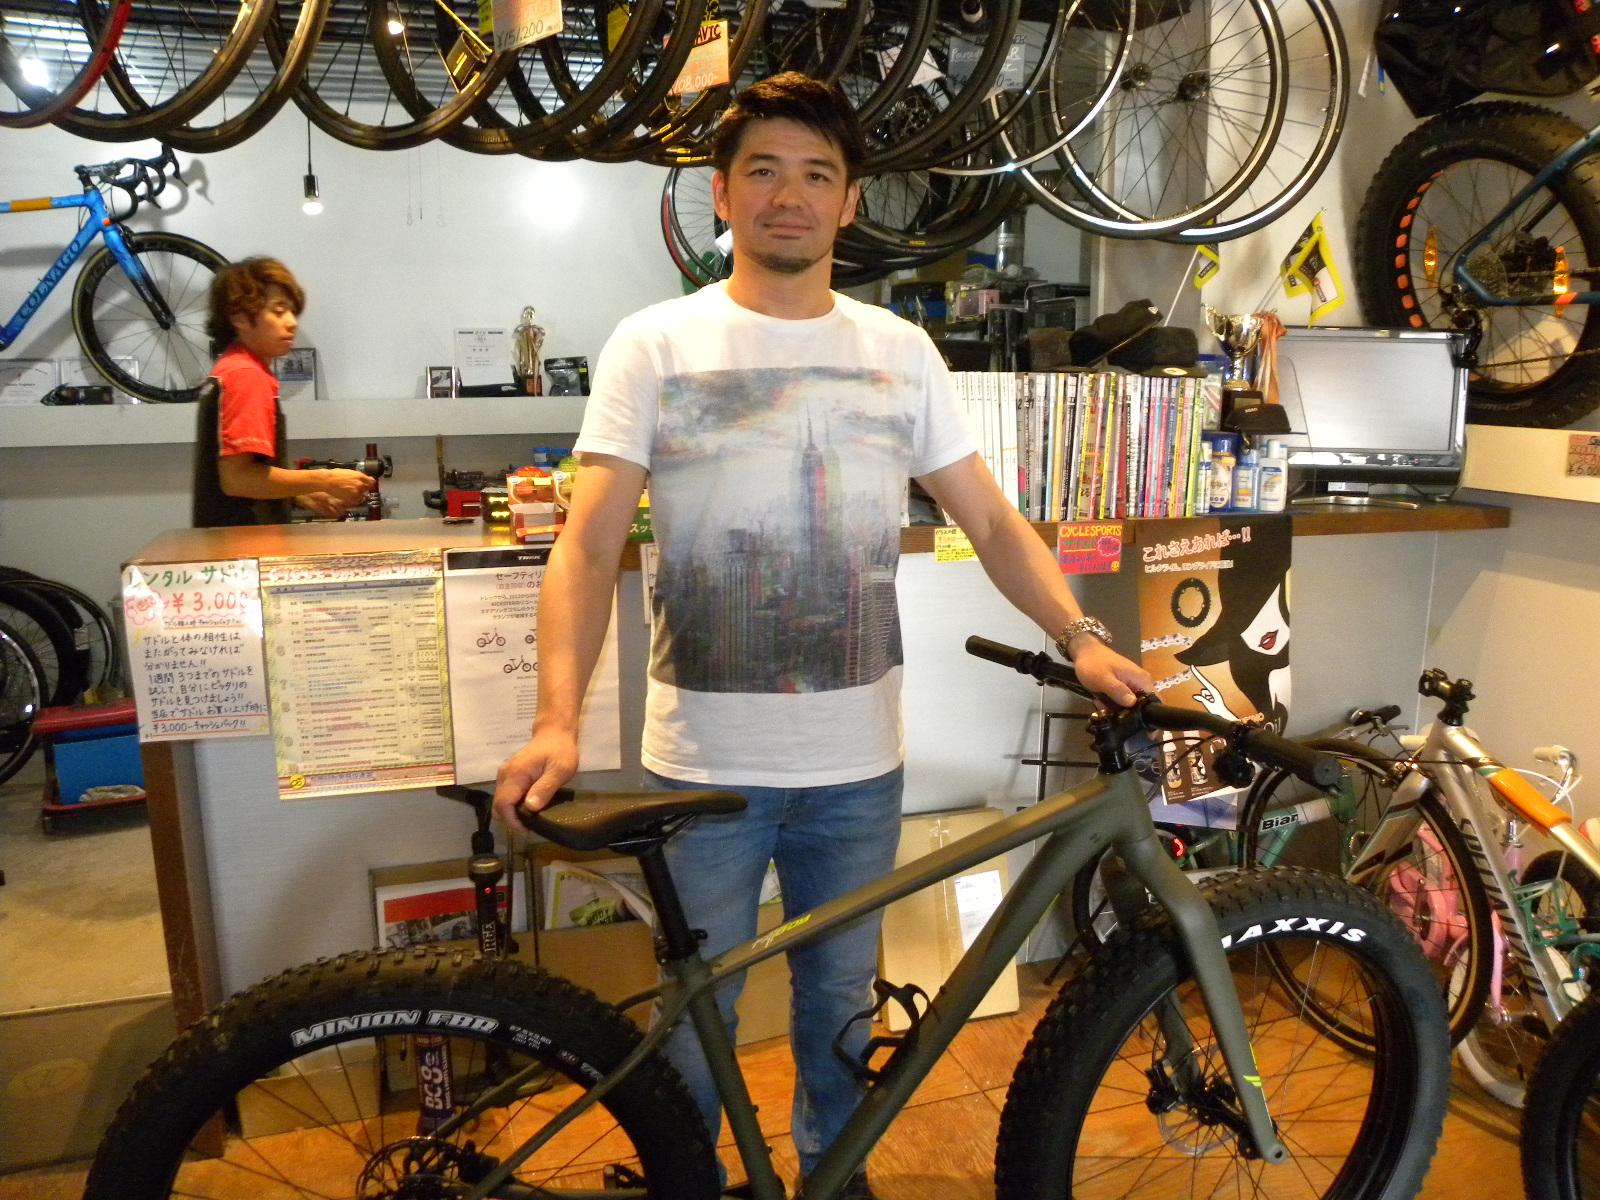 プロの競輪:荒澤貴史選手にご来店頂きました!意外なトレーニングバイク!?